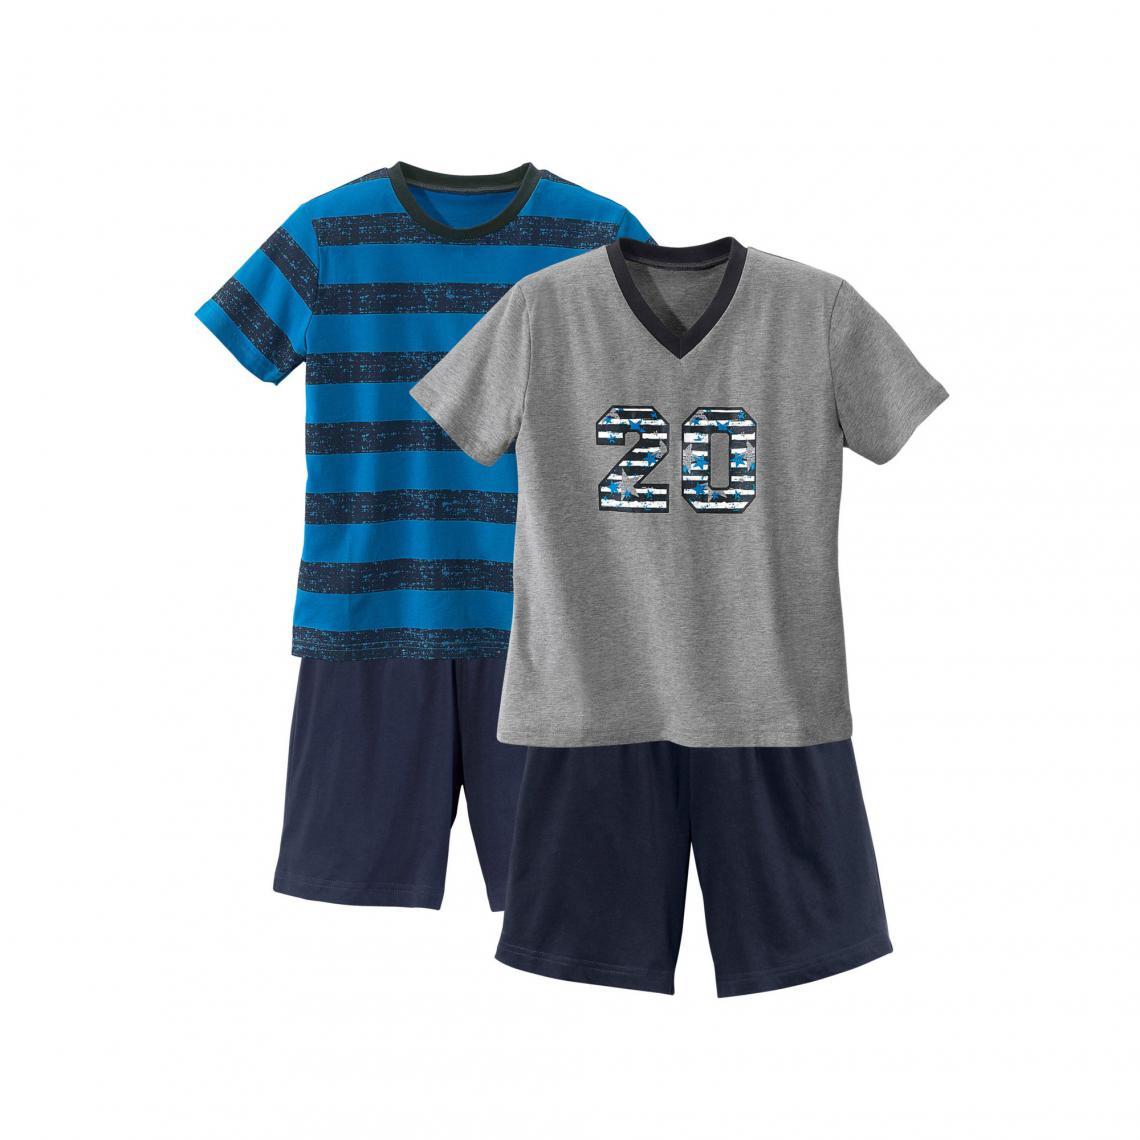 fe70403530969b Lot de 2 pyjashorts manches courtes garçon - Gris + Turquoise 3 Suisses  Enfant